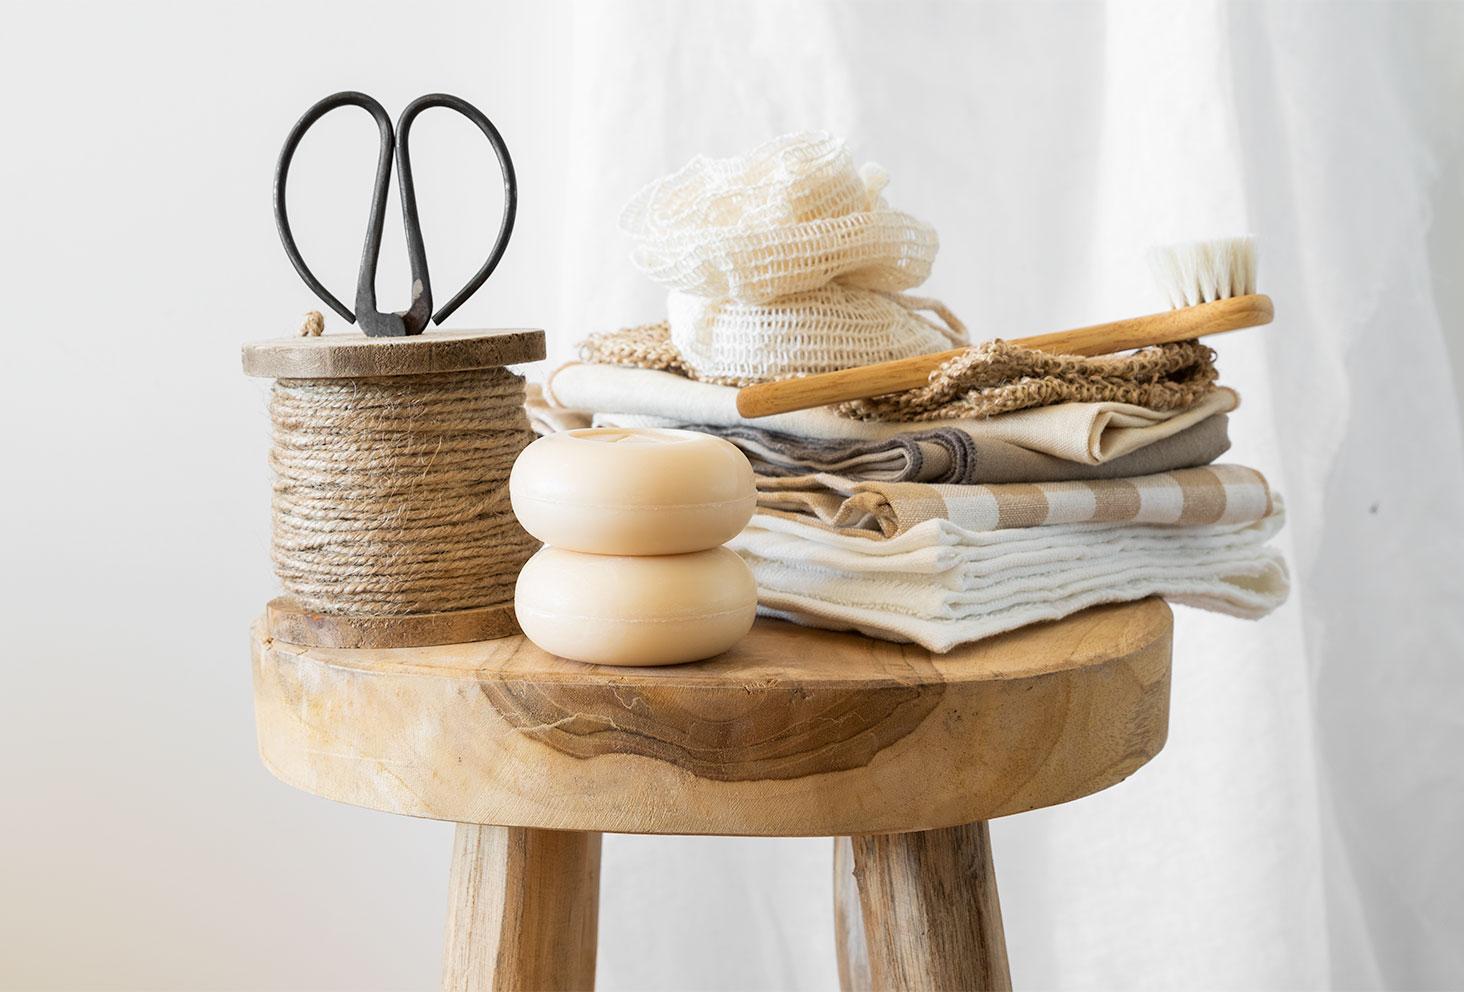 Deux savons de la marque Soin Amalthée spécialisée dans les produits au lait de chèvre, l'un sur l'autre posé sur un tabouret en bois dans une salle de bain